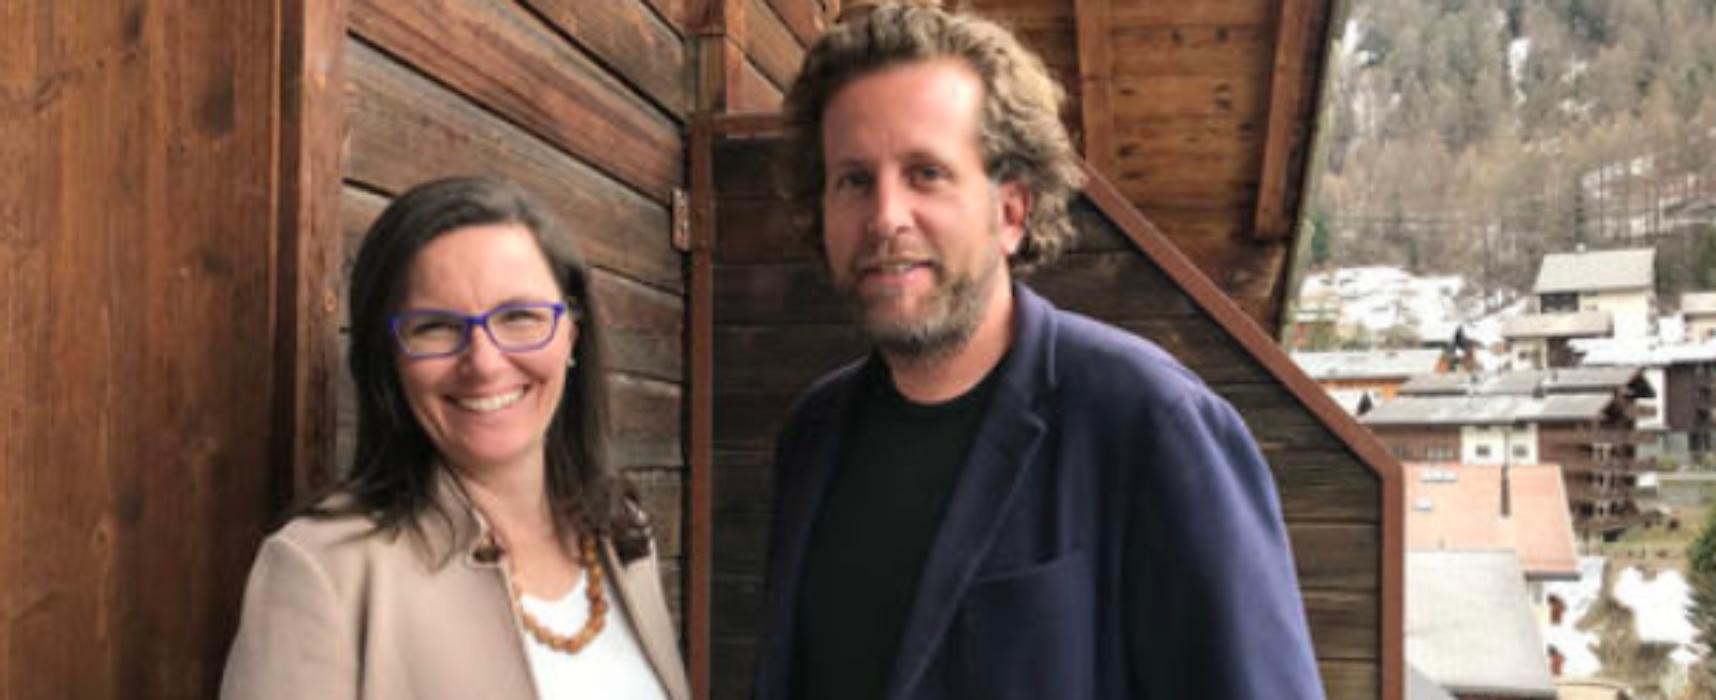 Daniel F. Lauber wird Präsident beim Hotelier-Verein Zermatt